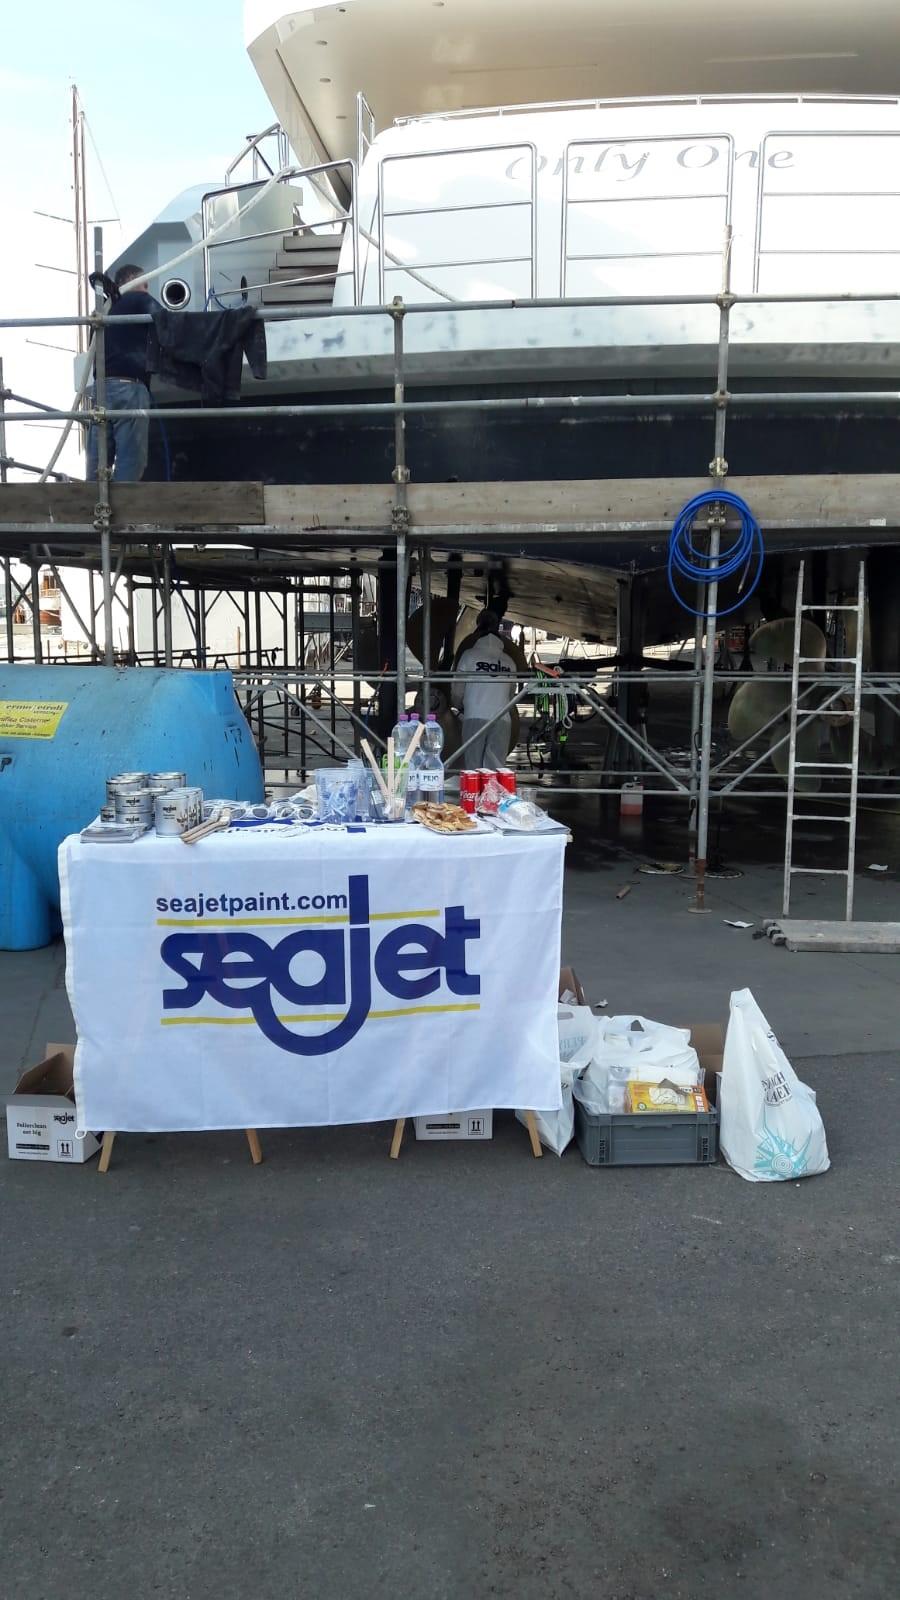 Antivegetative Seajet sotto esame in Darsena a Viareggio. Il marchio apre in città